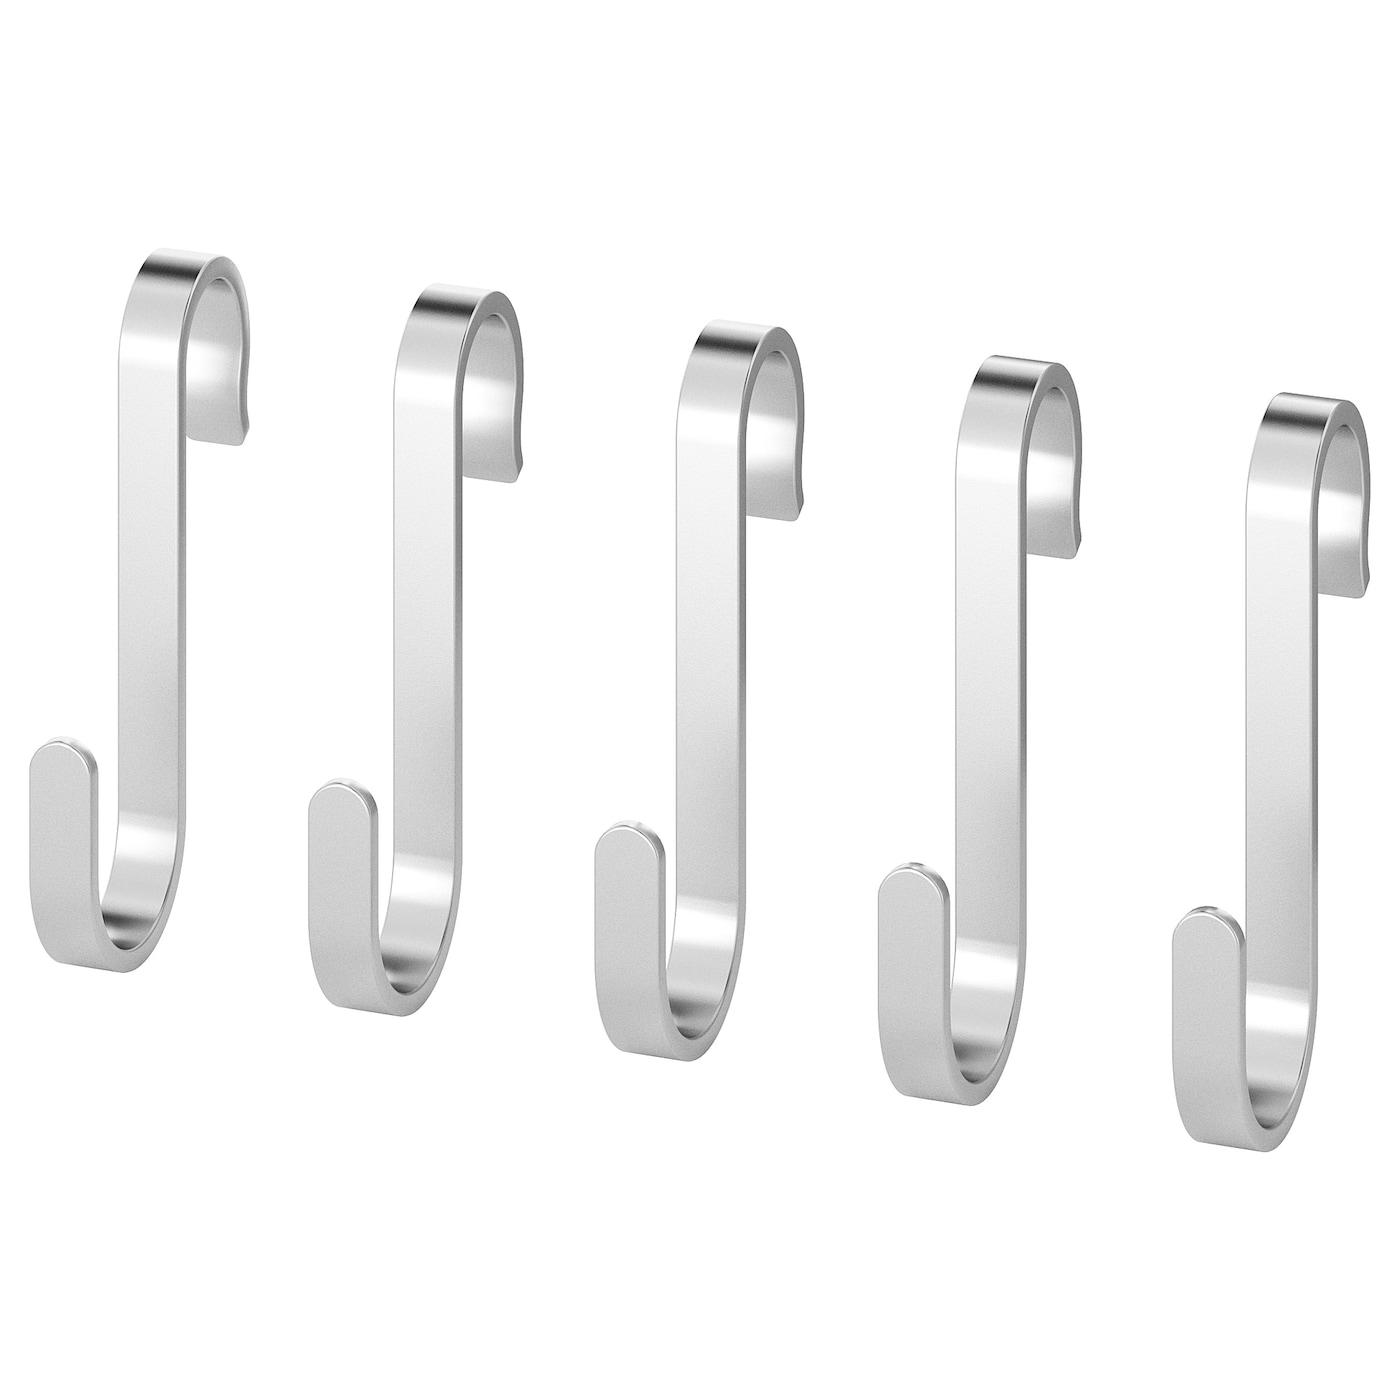 6 Stainless Steel Metal S Hooks Kitchen Utensil Hanger Cloths Hanging Rail